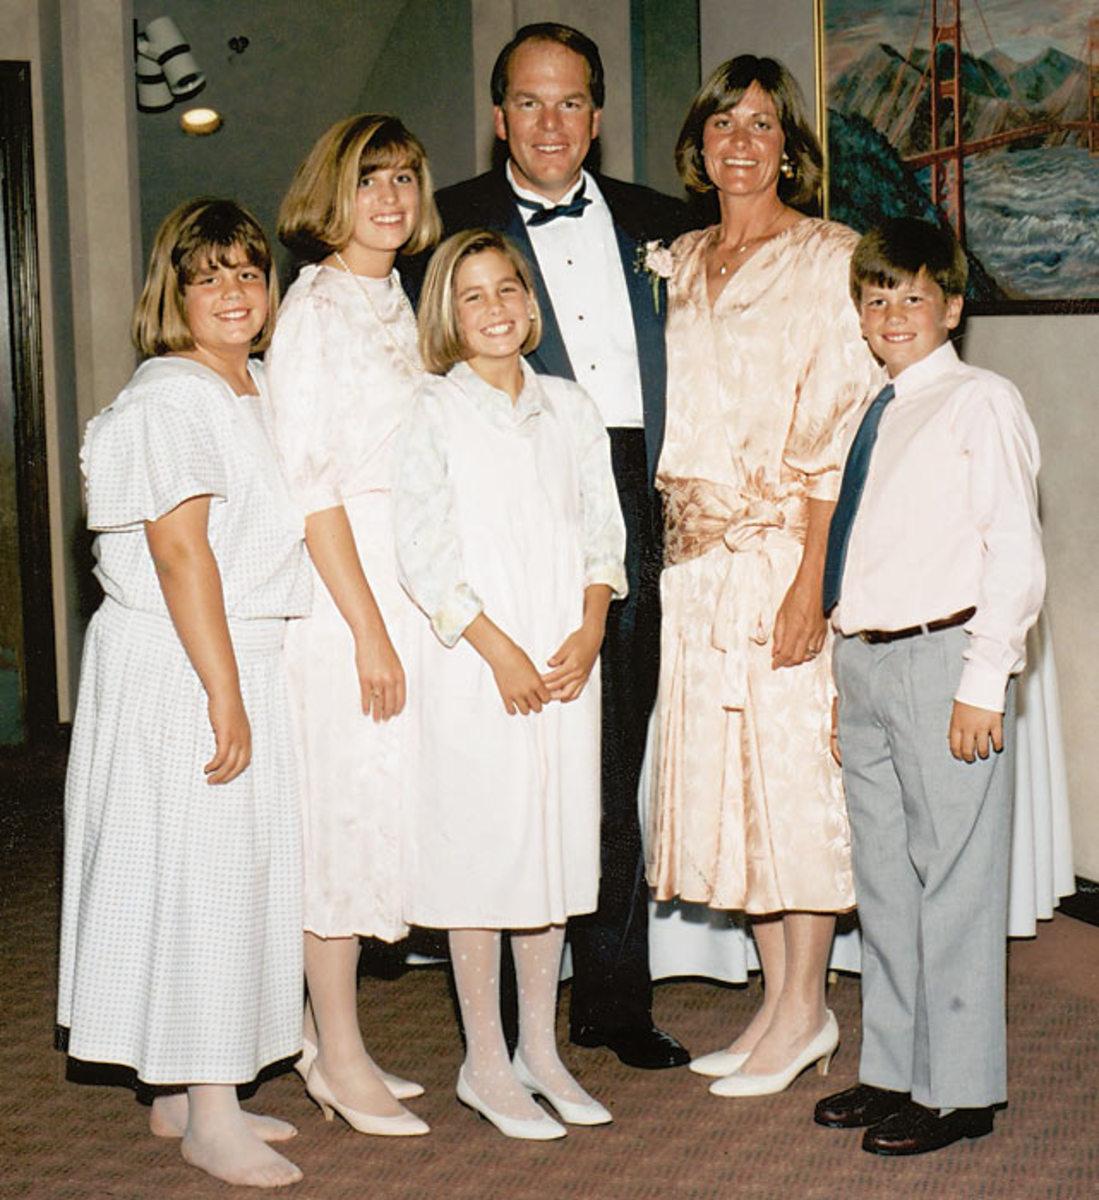 Tom Brady and Family